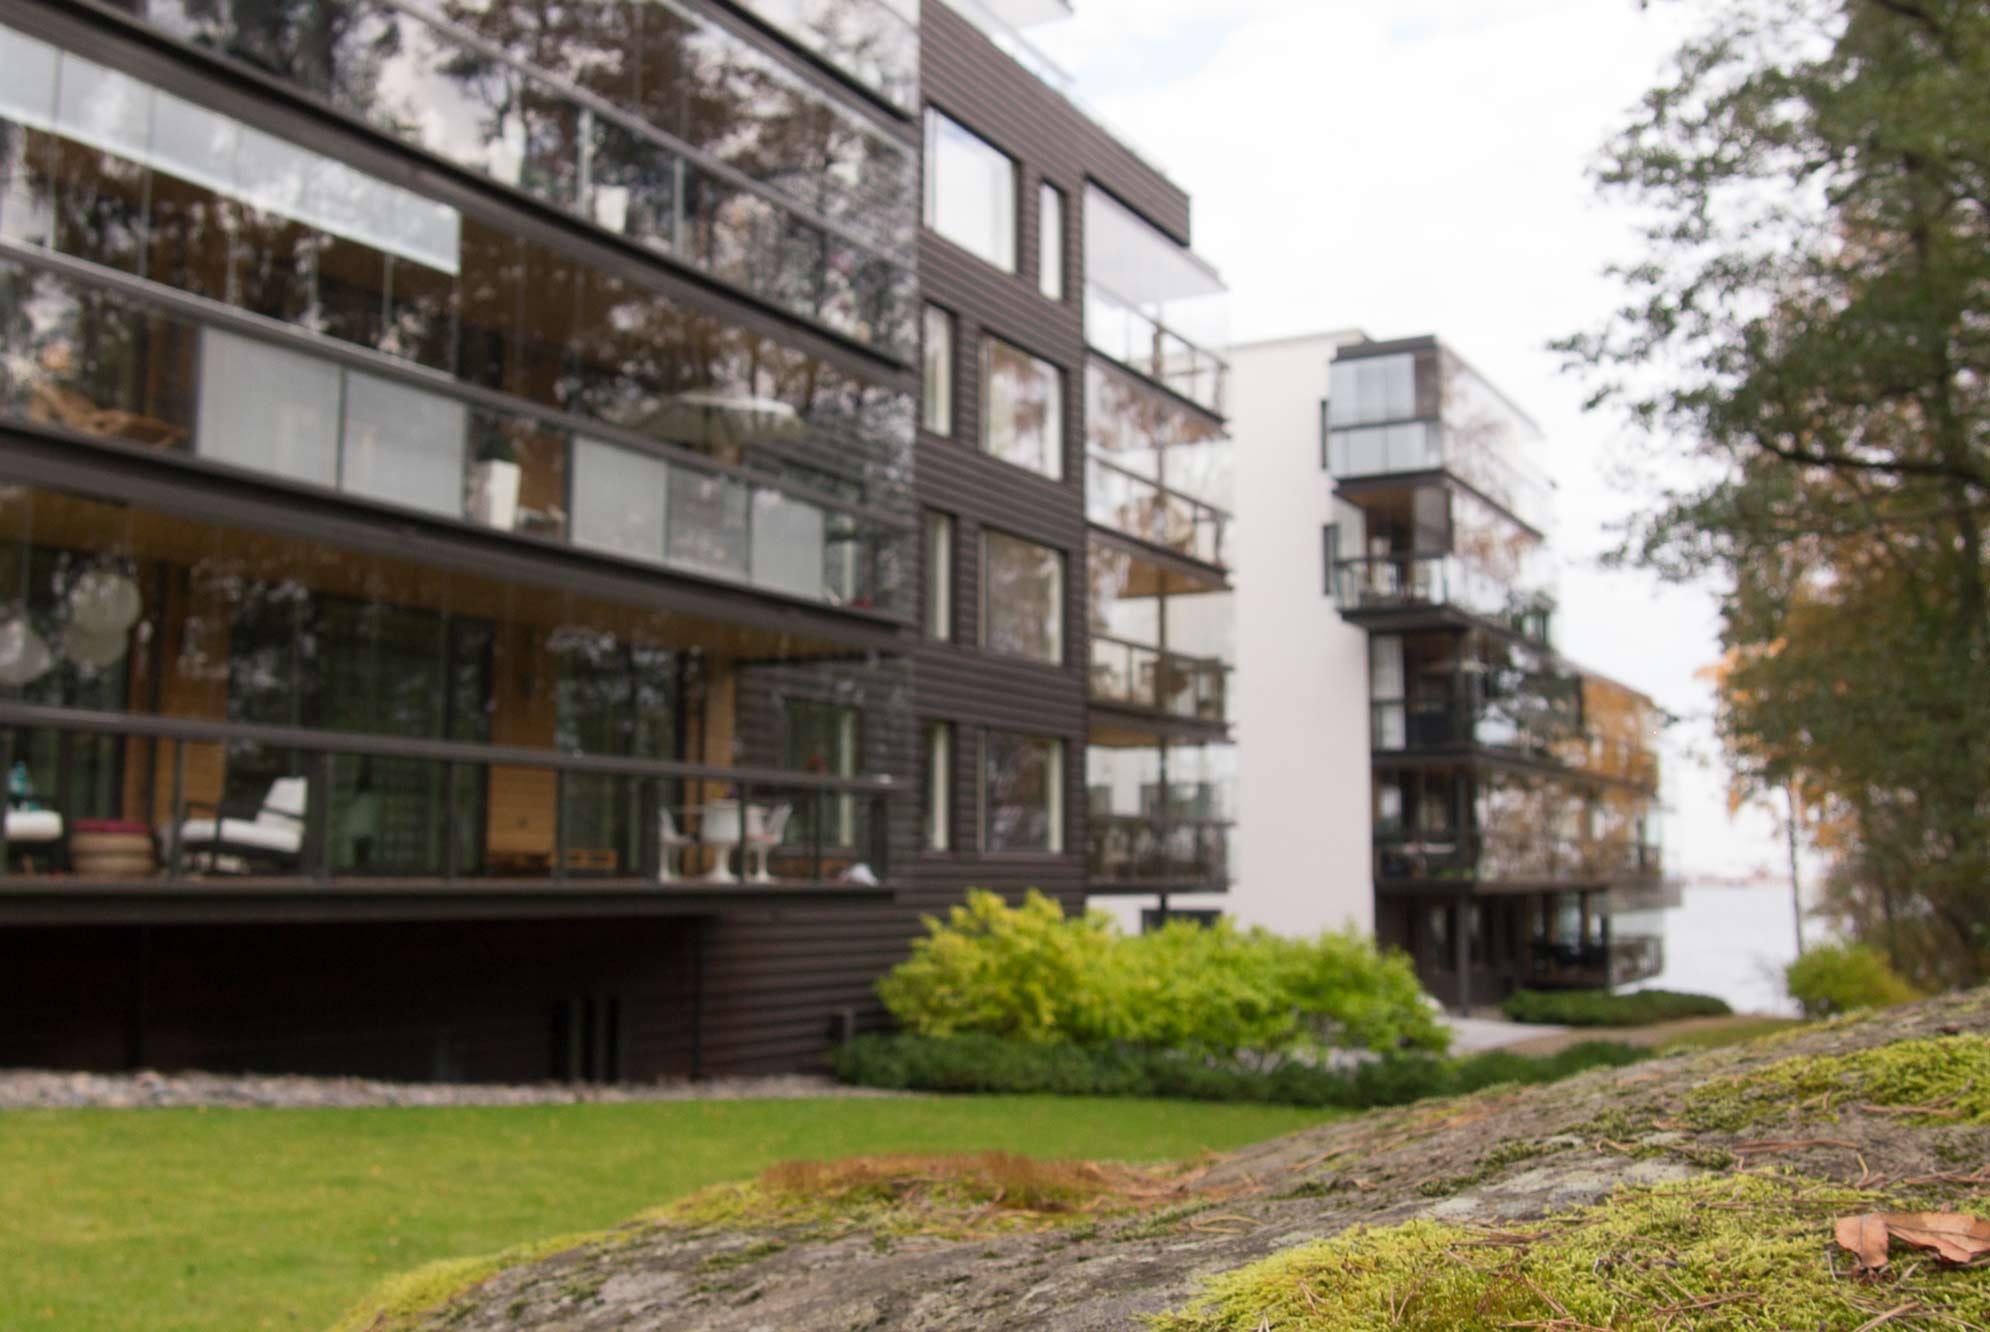 edificios-acristalados-Lumon-norte-europa-7